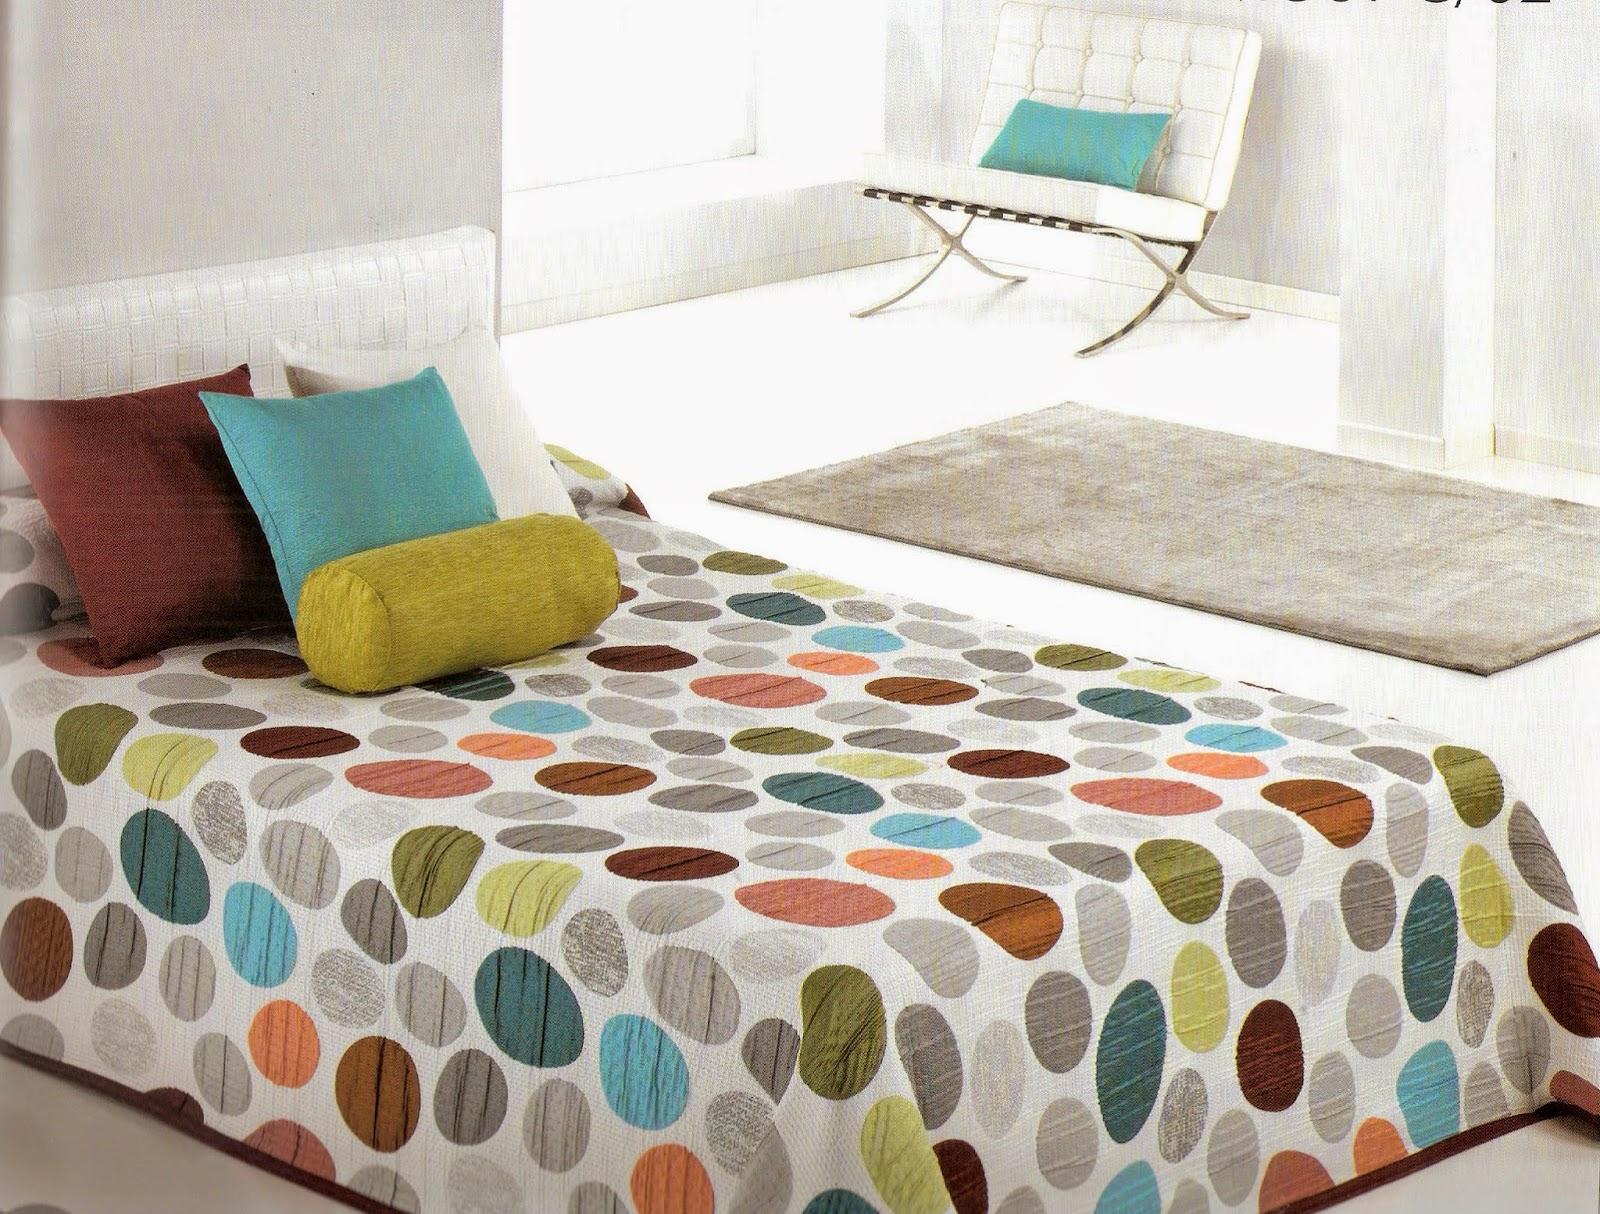 Colchas de verano reig marti 2015 for Ikea colchas cama